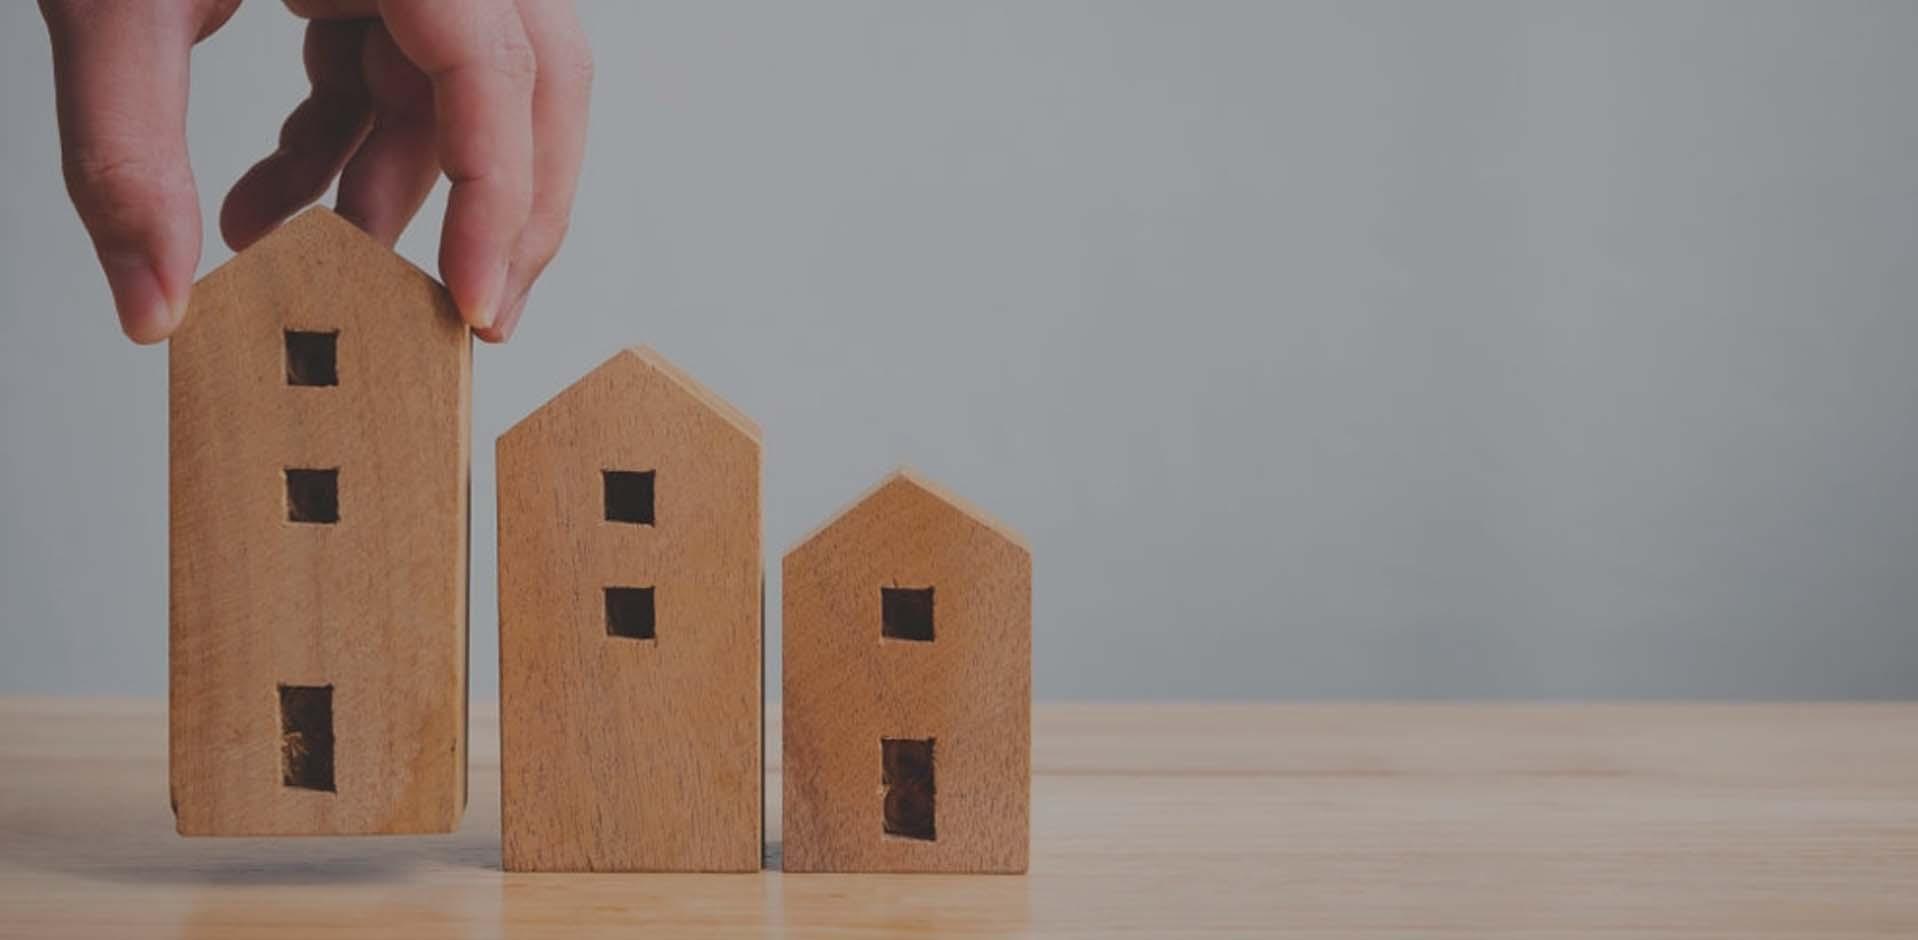 Invertir en una vivienda en españa via agora